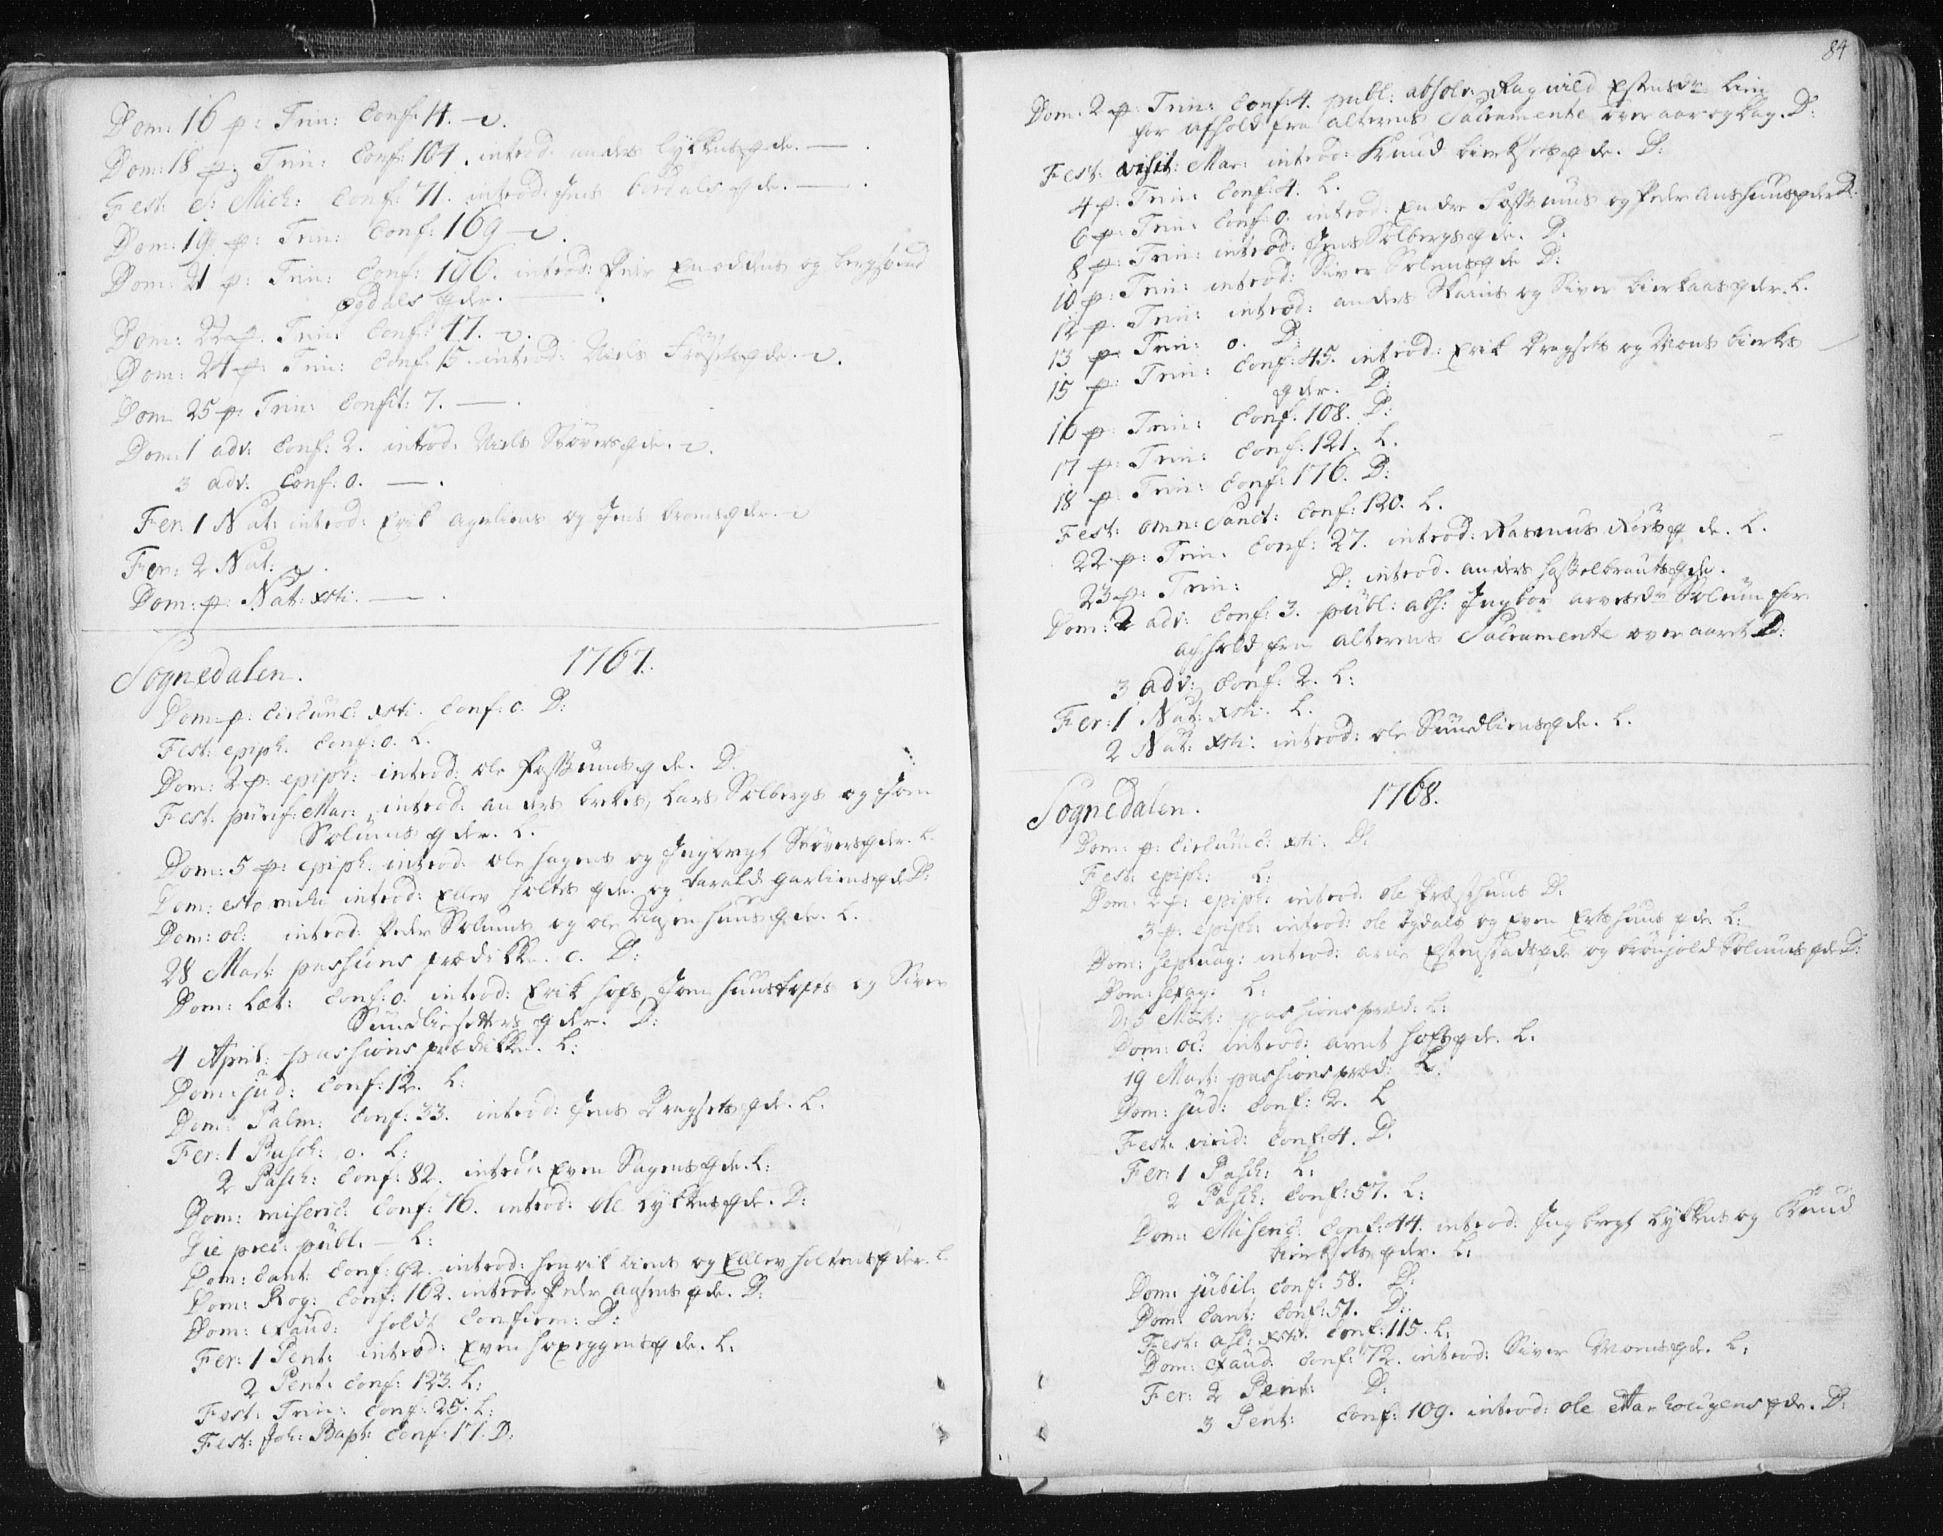 SAT, Ministerialprotokoller, klokkerbøker og fødselsregistre - Sør-Trøndelag, 687/L0991: Ministerialbok nr. 687A02, 1747-1790, s. 84